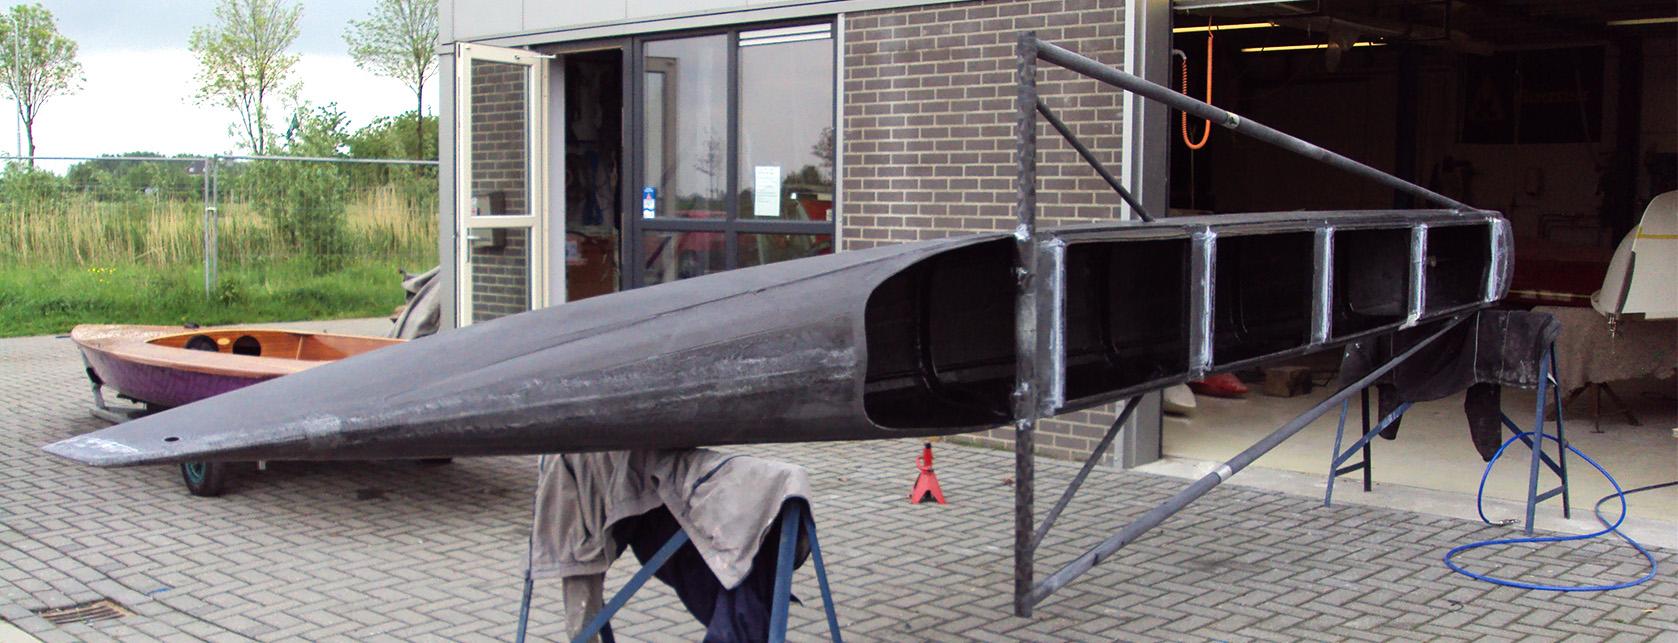 Casco inclusief frame voor draagvleugels, voor plamuurfase